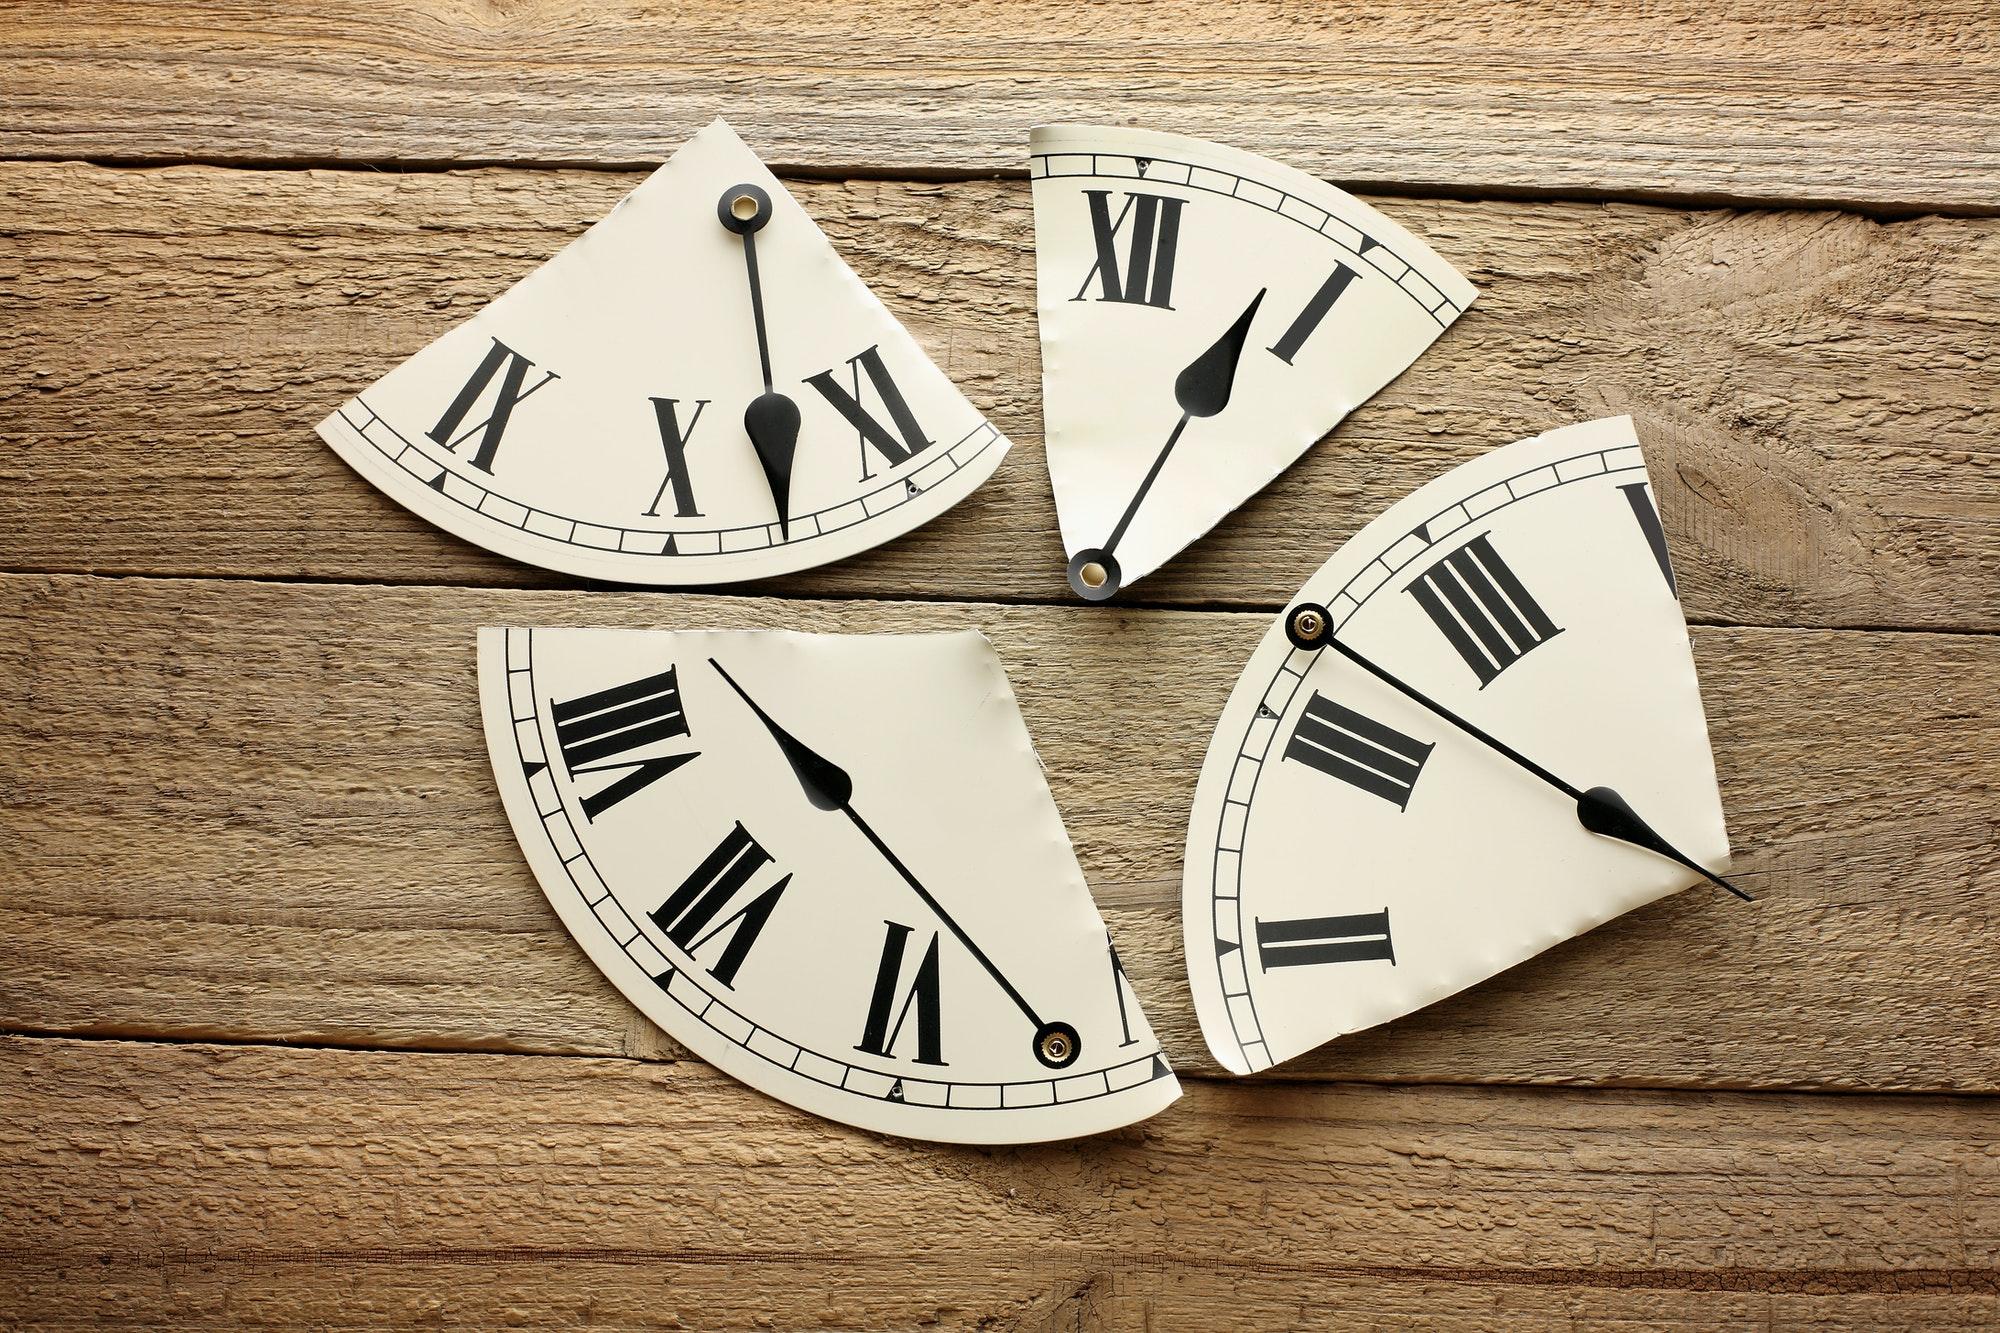 時間の奴隷宣言。1分間と1時間の価値を見直す日。